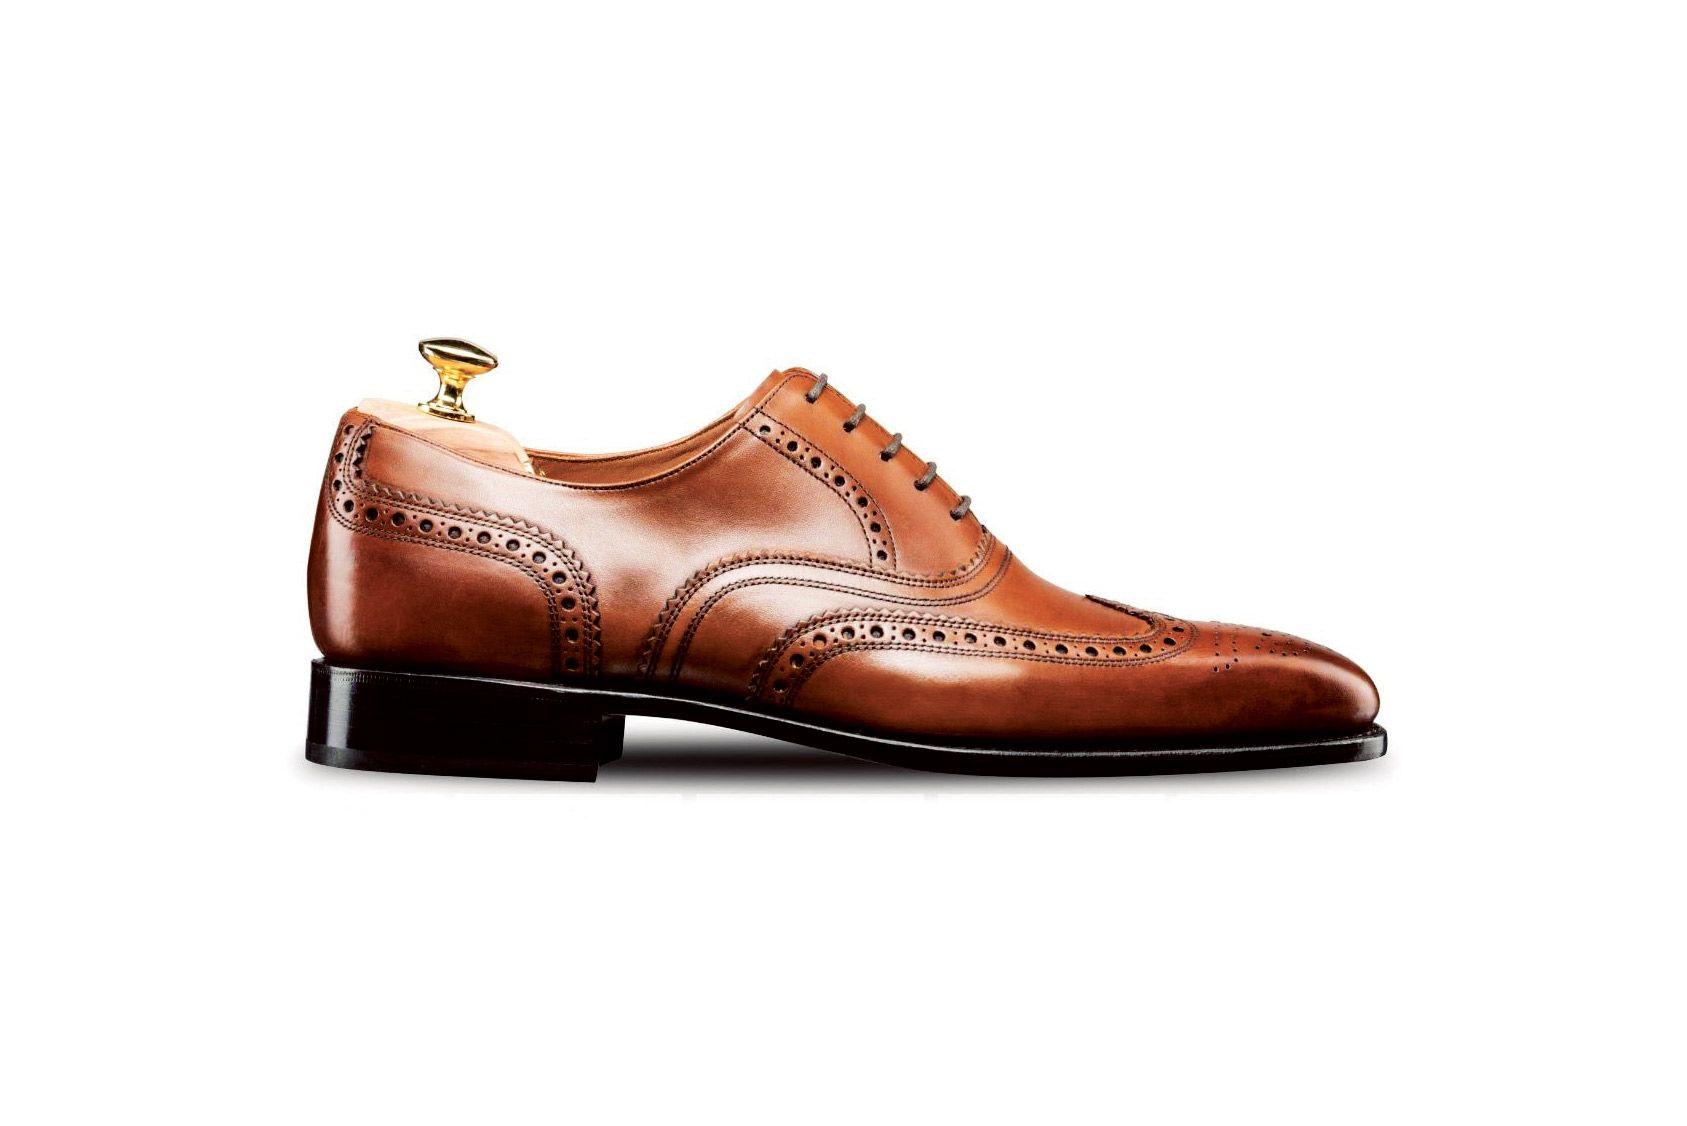 Cuir De Vachette C Est Quoi c'est quoi une bonne chaussure?